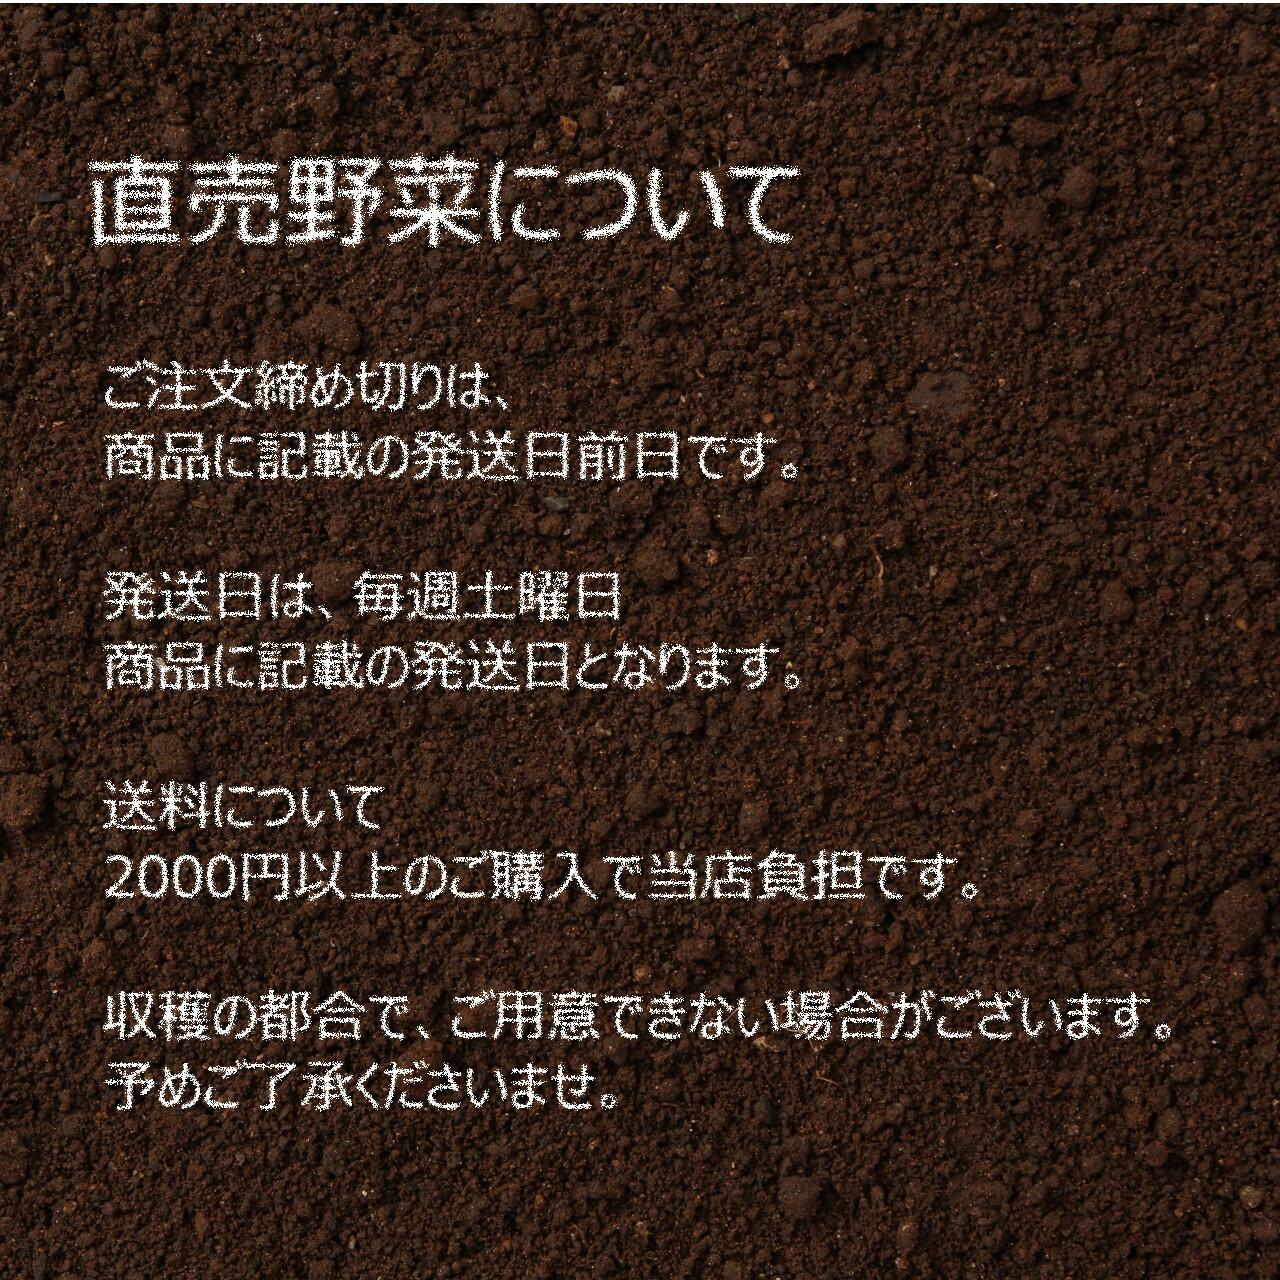 4月朝採り直売野菜 ネギ 3~5本 4月27日発送予定